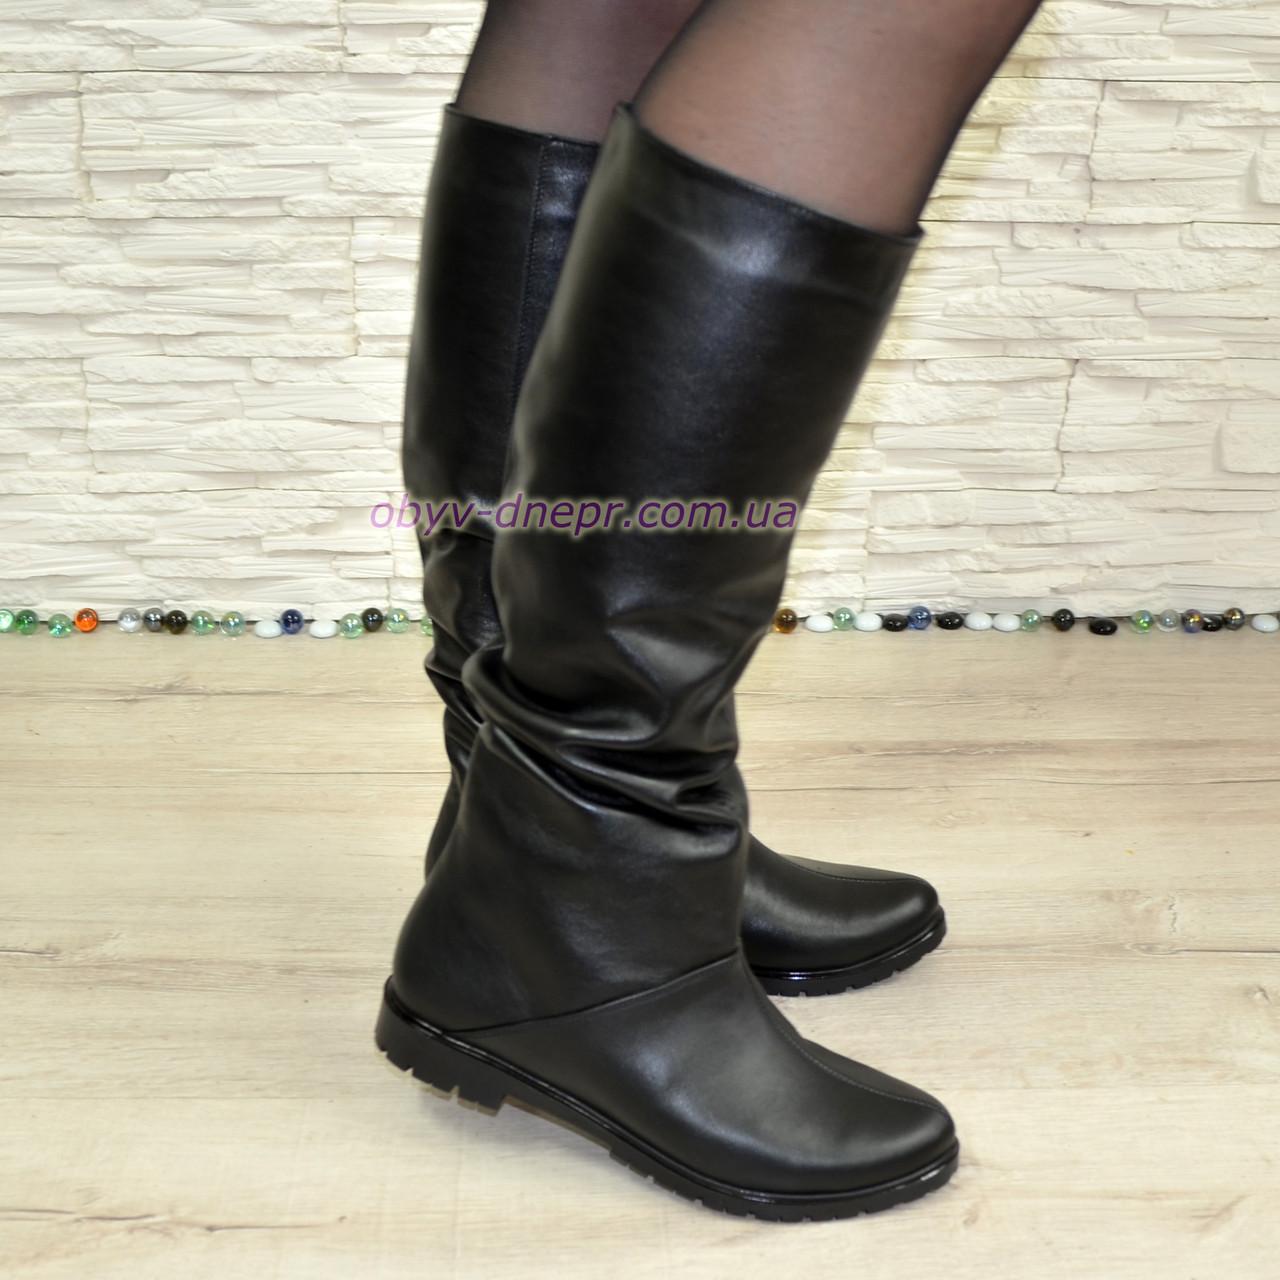 """Шкіряні жіночі чоботи """"вільного одягання"""" на маленькому підборах"""